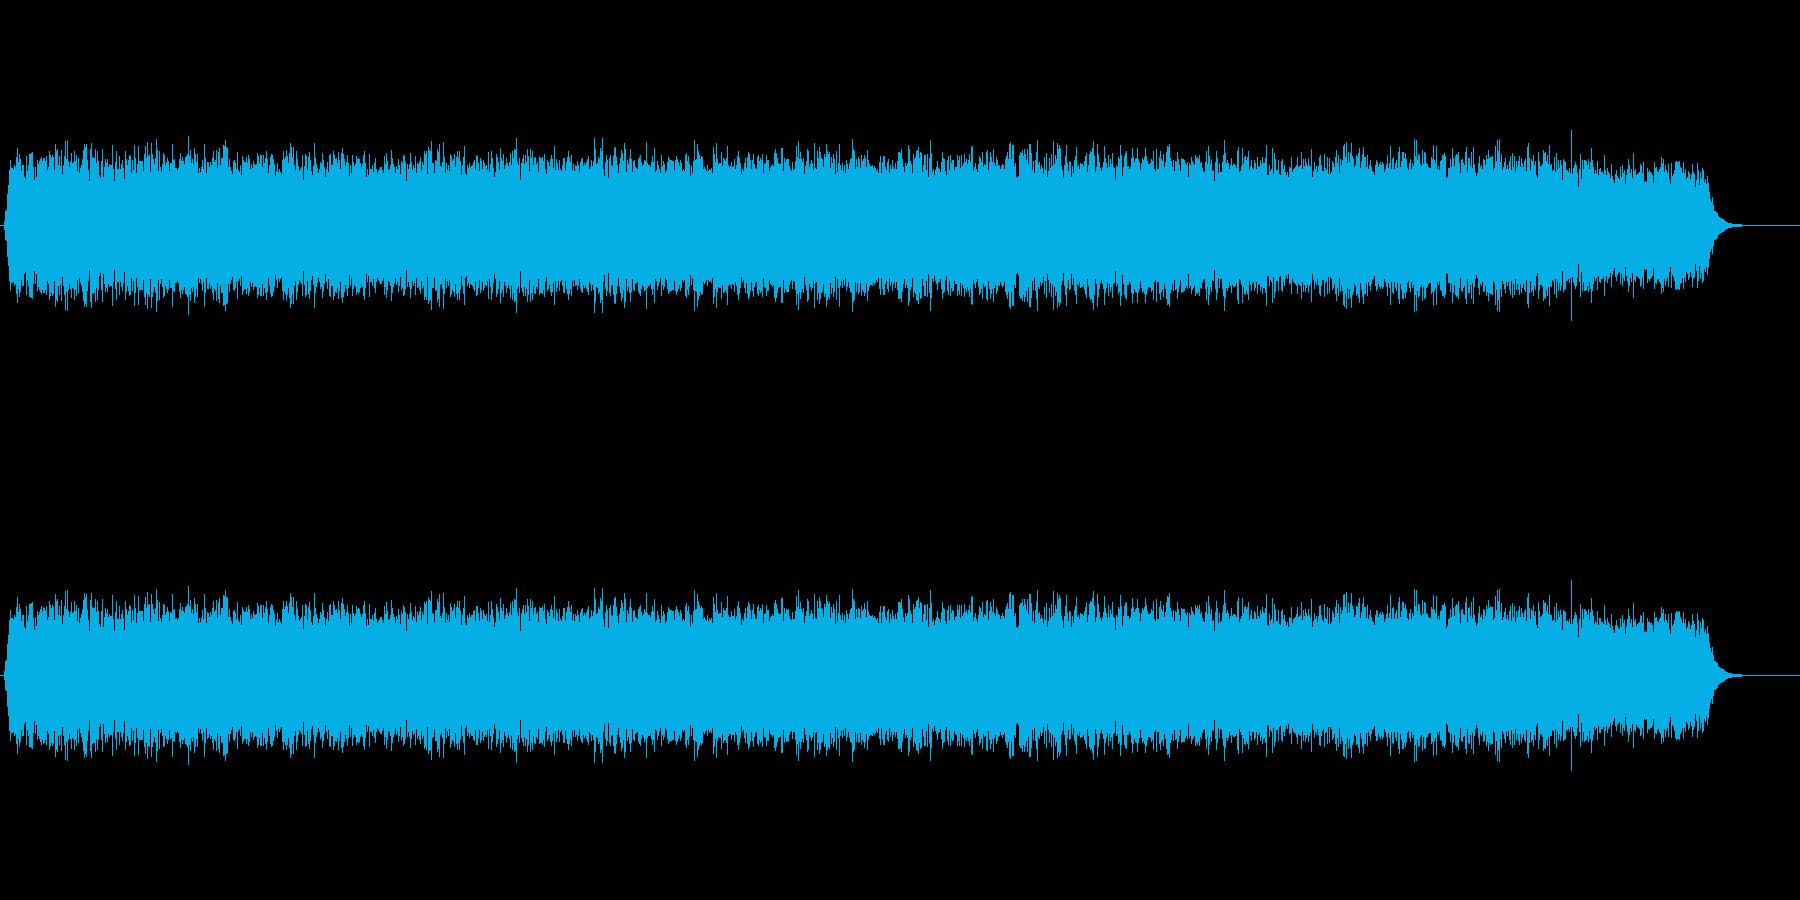 ジリリリリリリン…朝の音(Lo-Fi版)の再生済みの波形